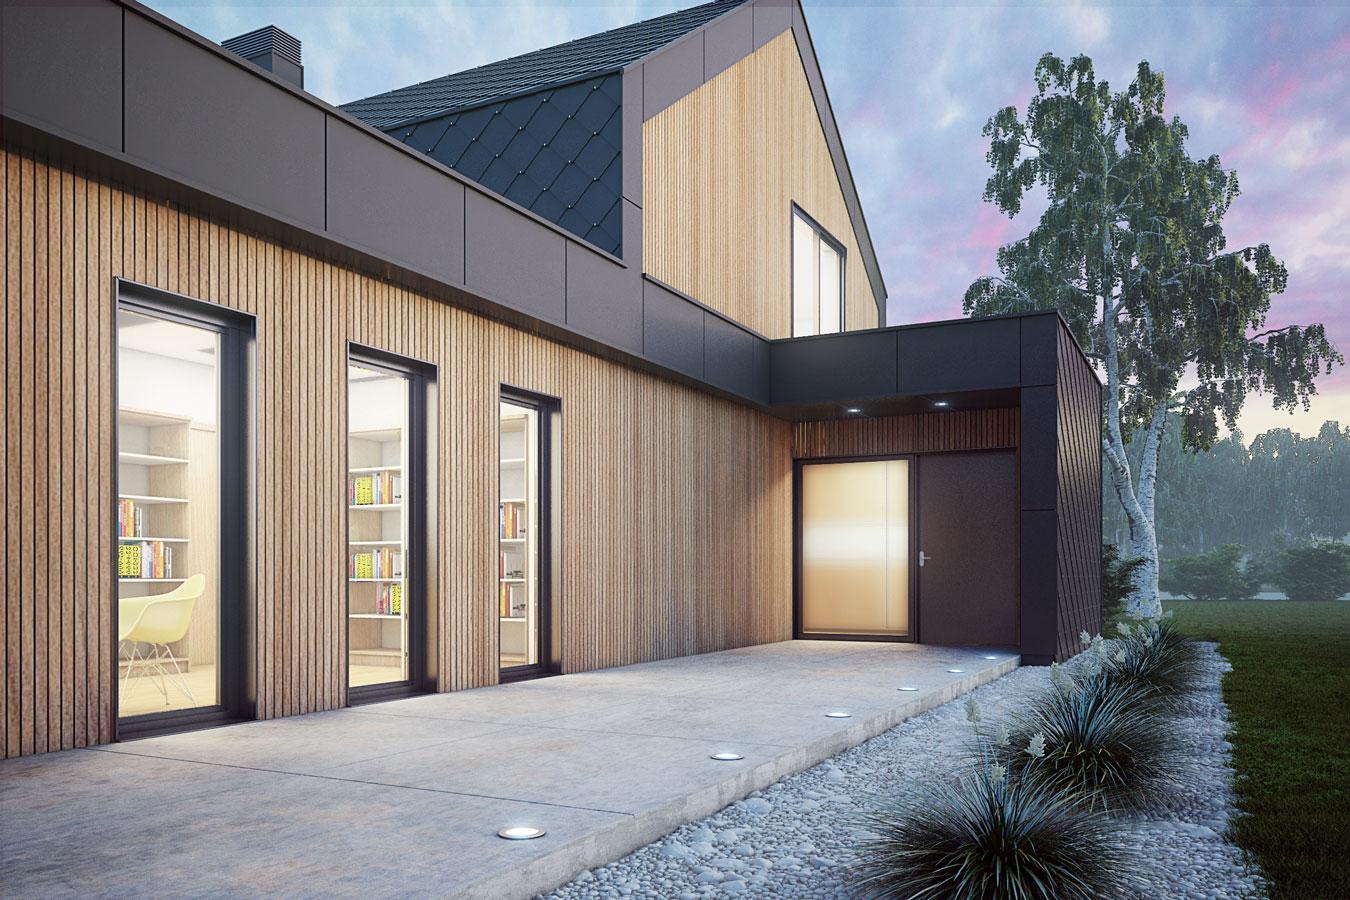 sodobna podoba fasade oblikovanje